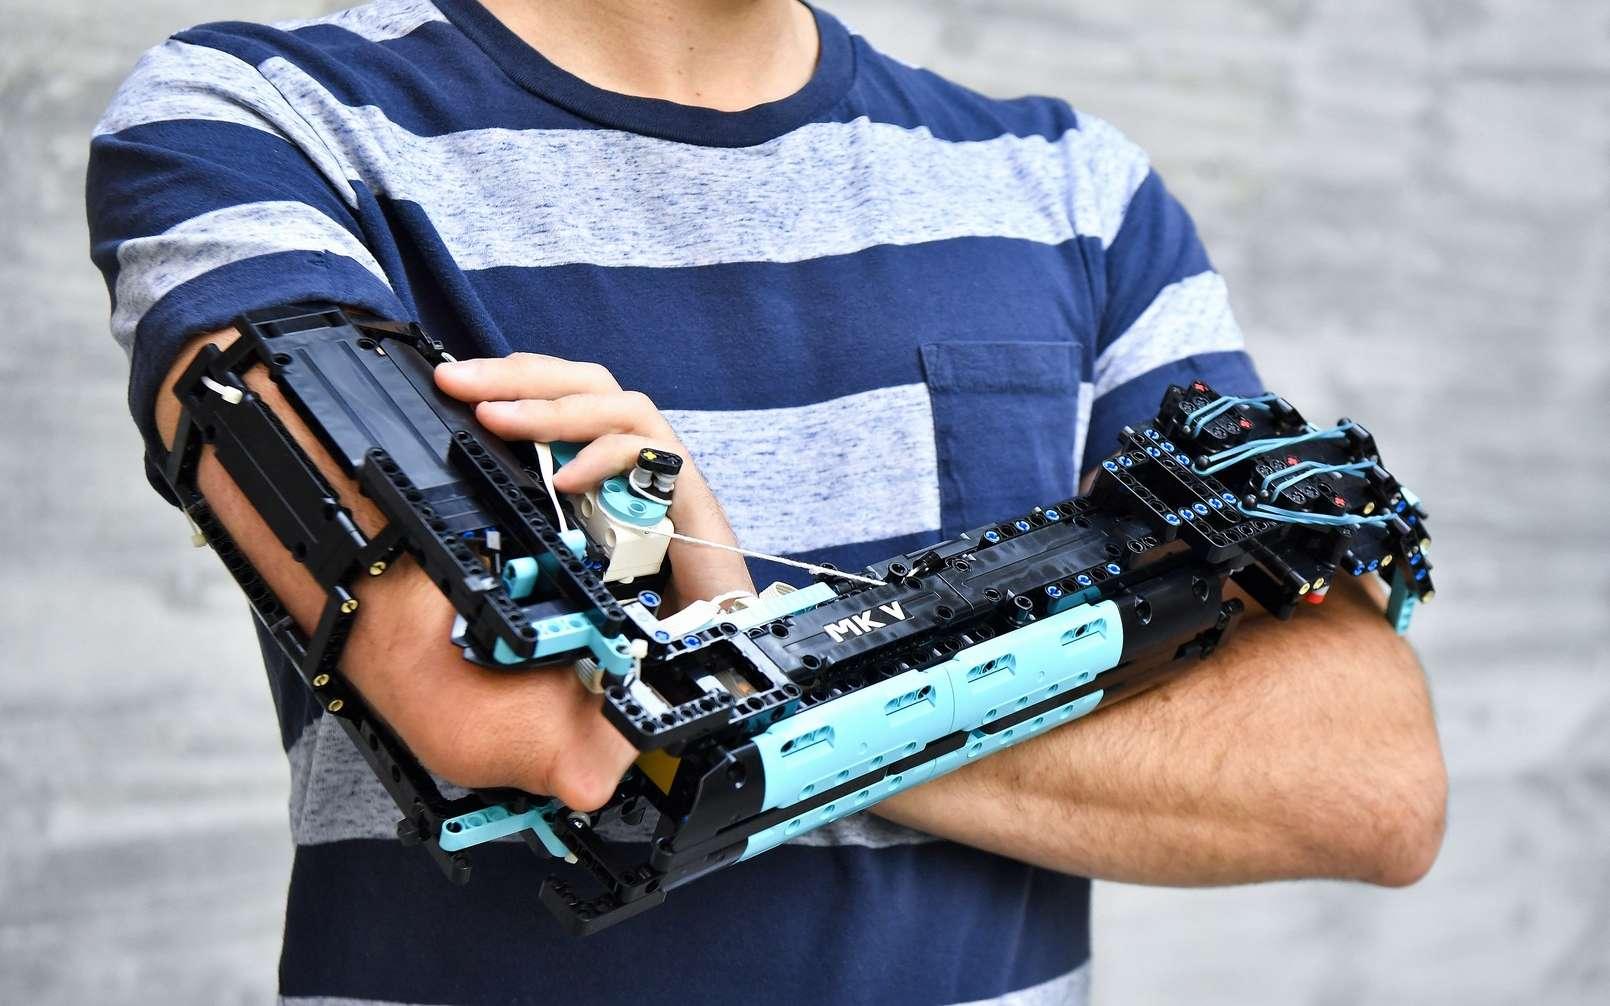 La prothèse de bras en Lego fabriquée par David Aguilar. © Pau Barrena/AFP